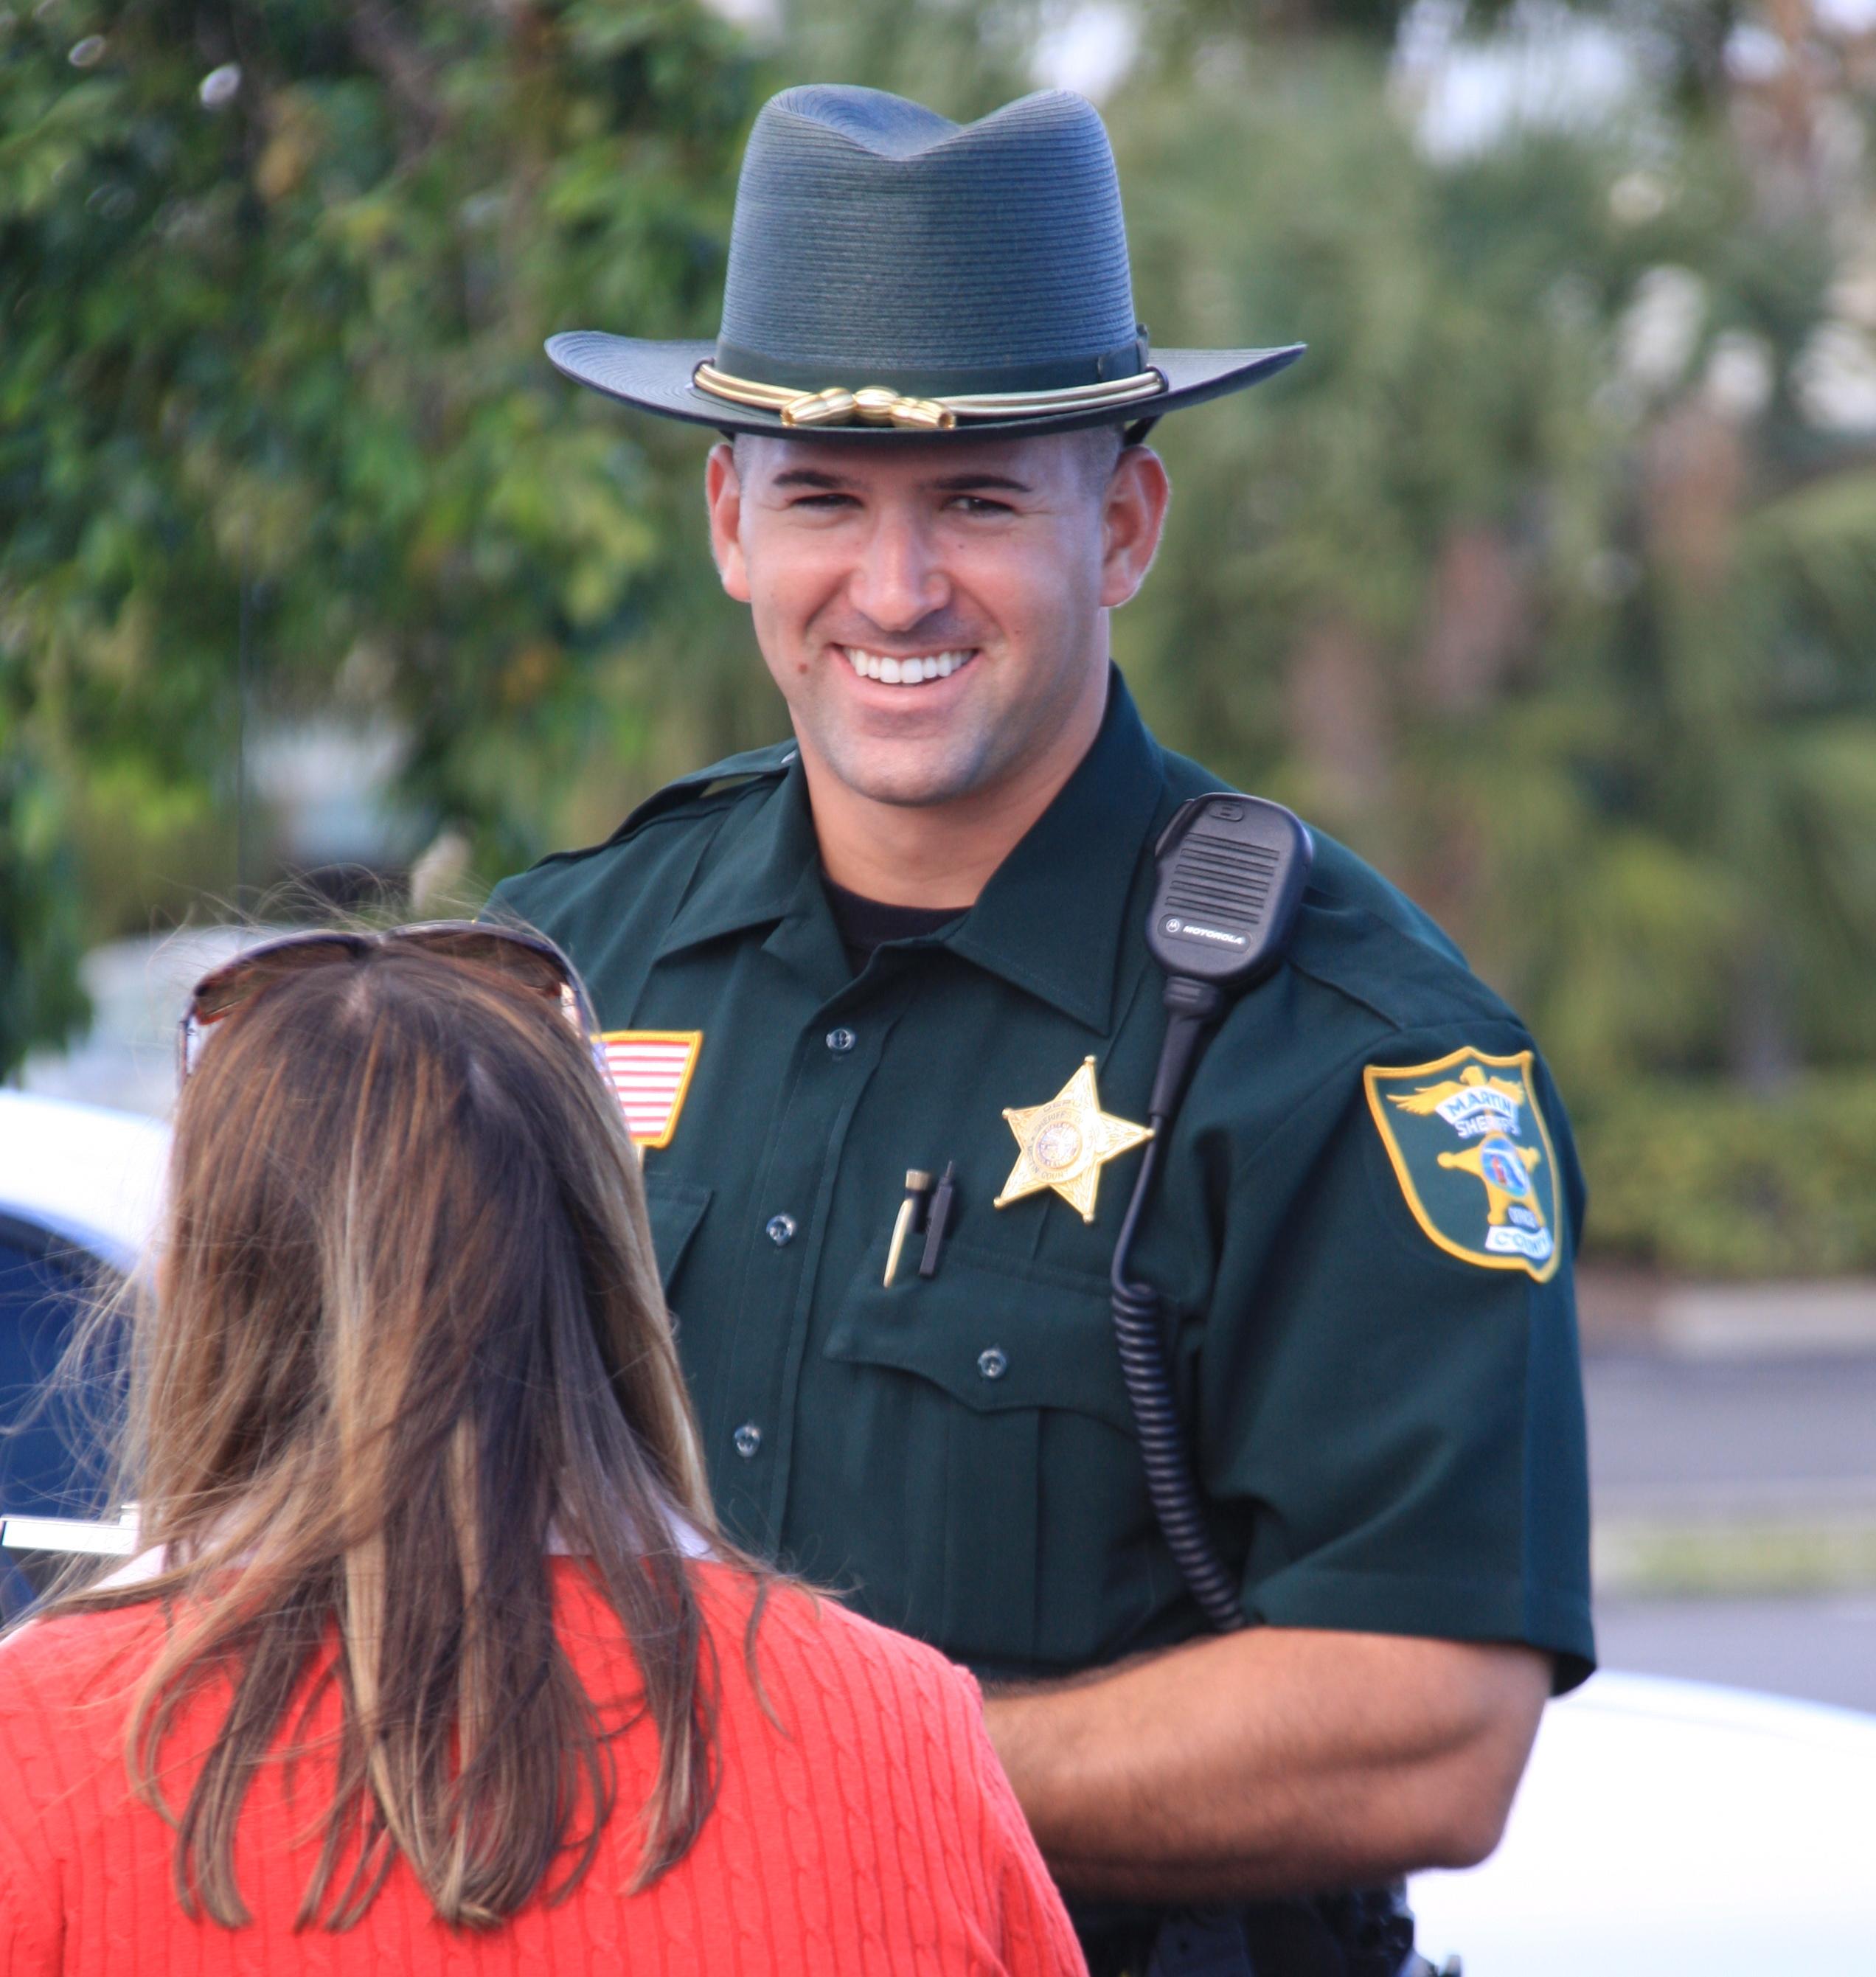 Florida sheriff smiling at woman